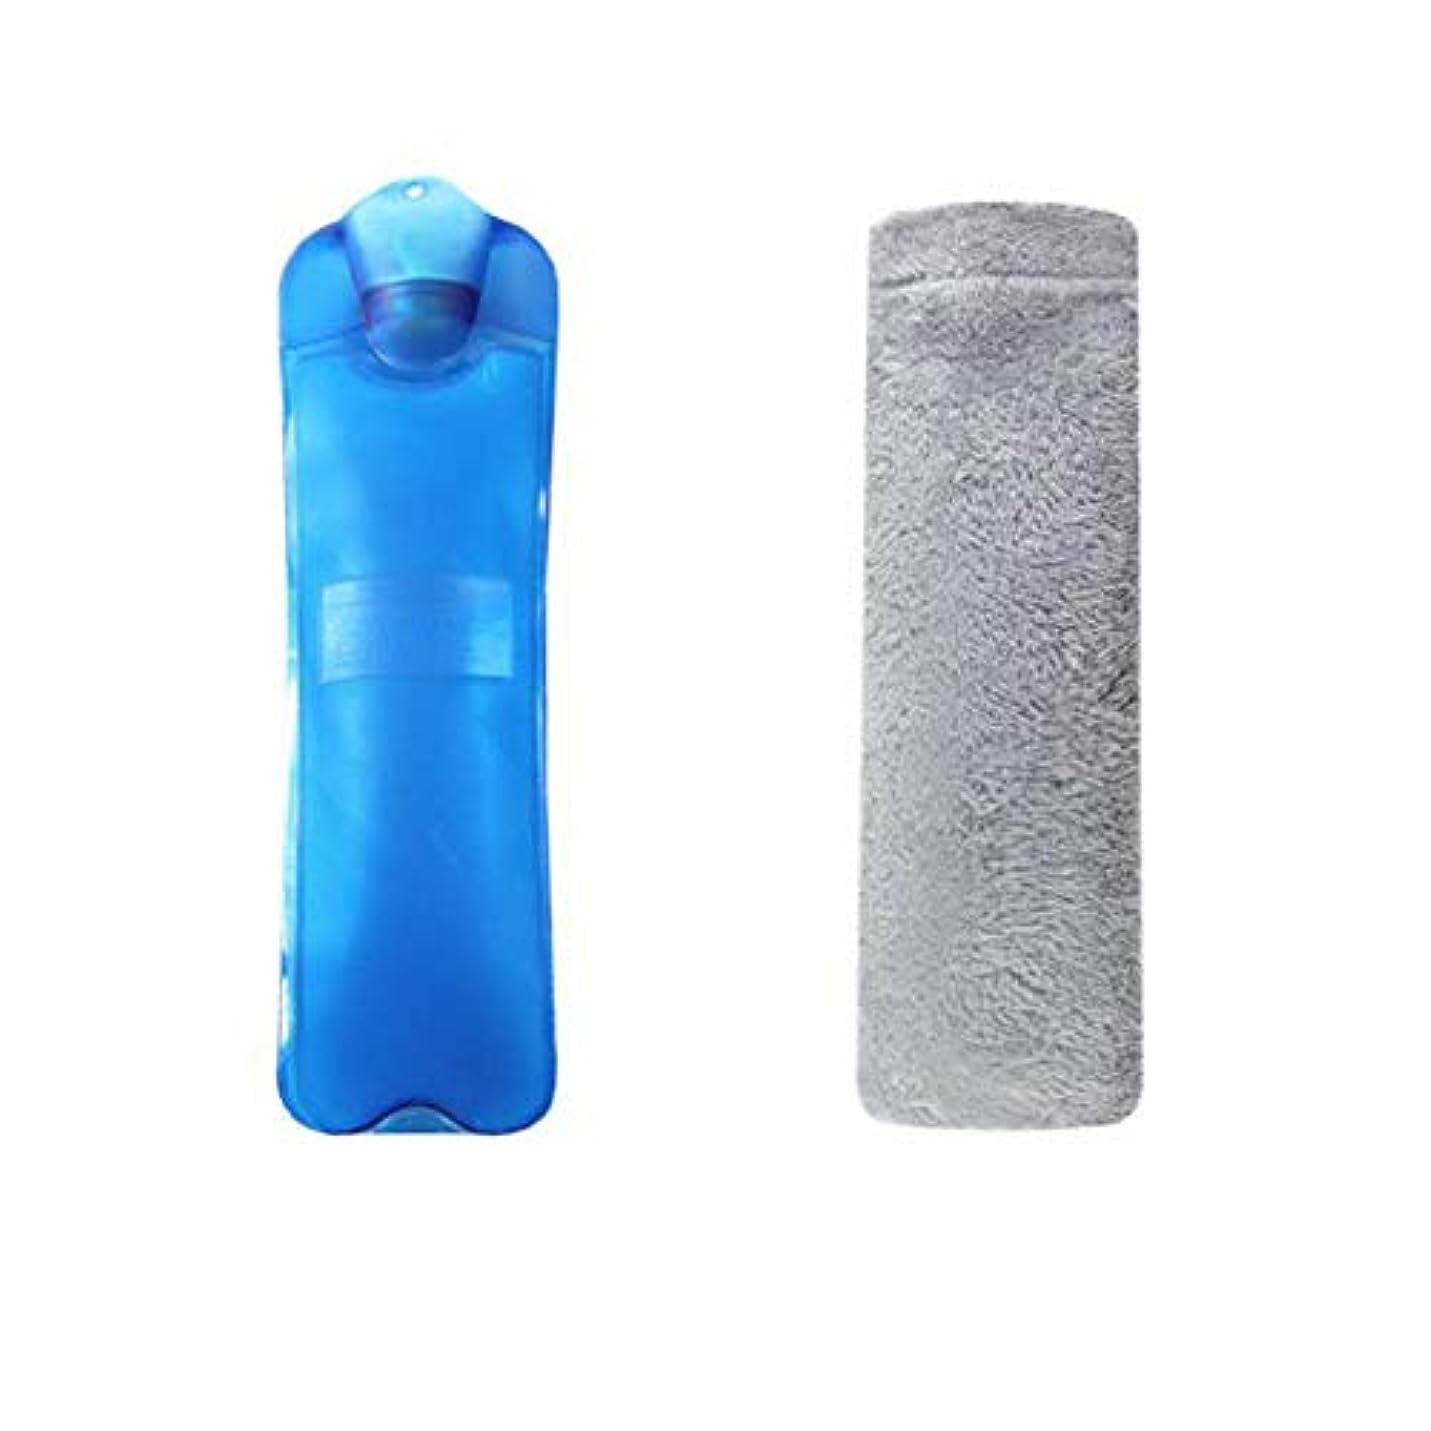 課すリズム微弱温水ボトル大温水ボトル2Lは冬に暖かく保ちます #5